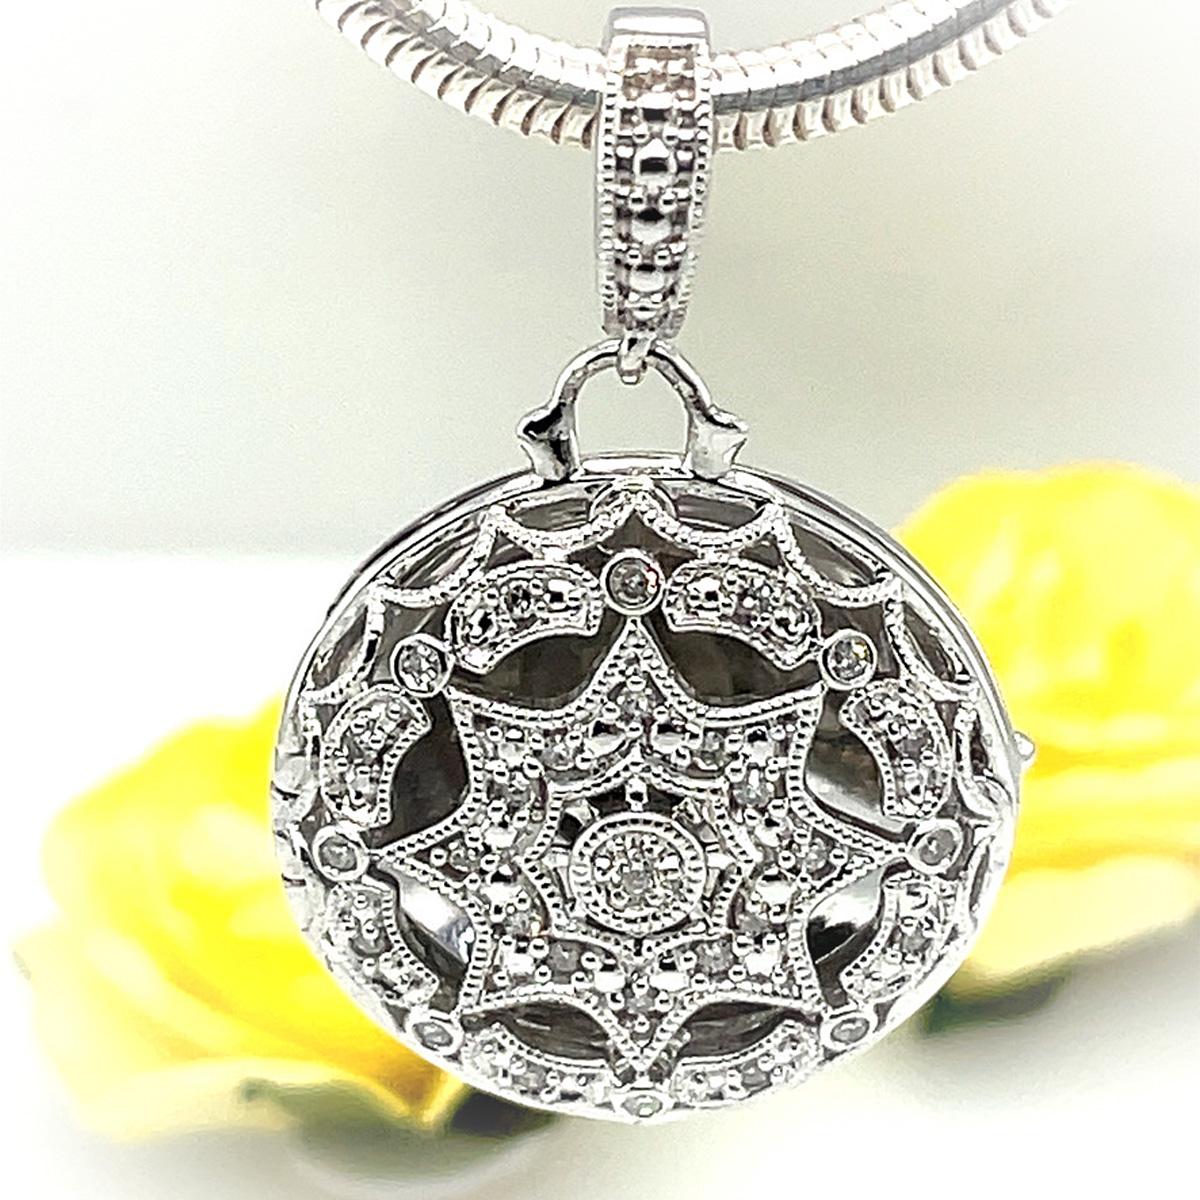 Silberkette mit Stern-Anhänger - Schmuckgeschäft - Juwelier Prien werden